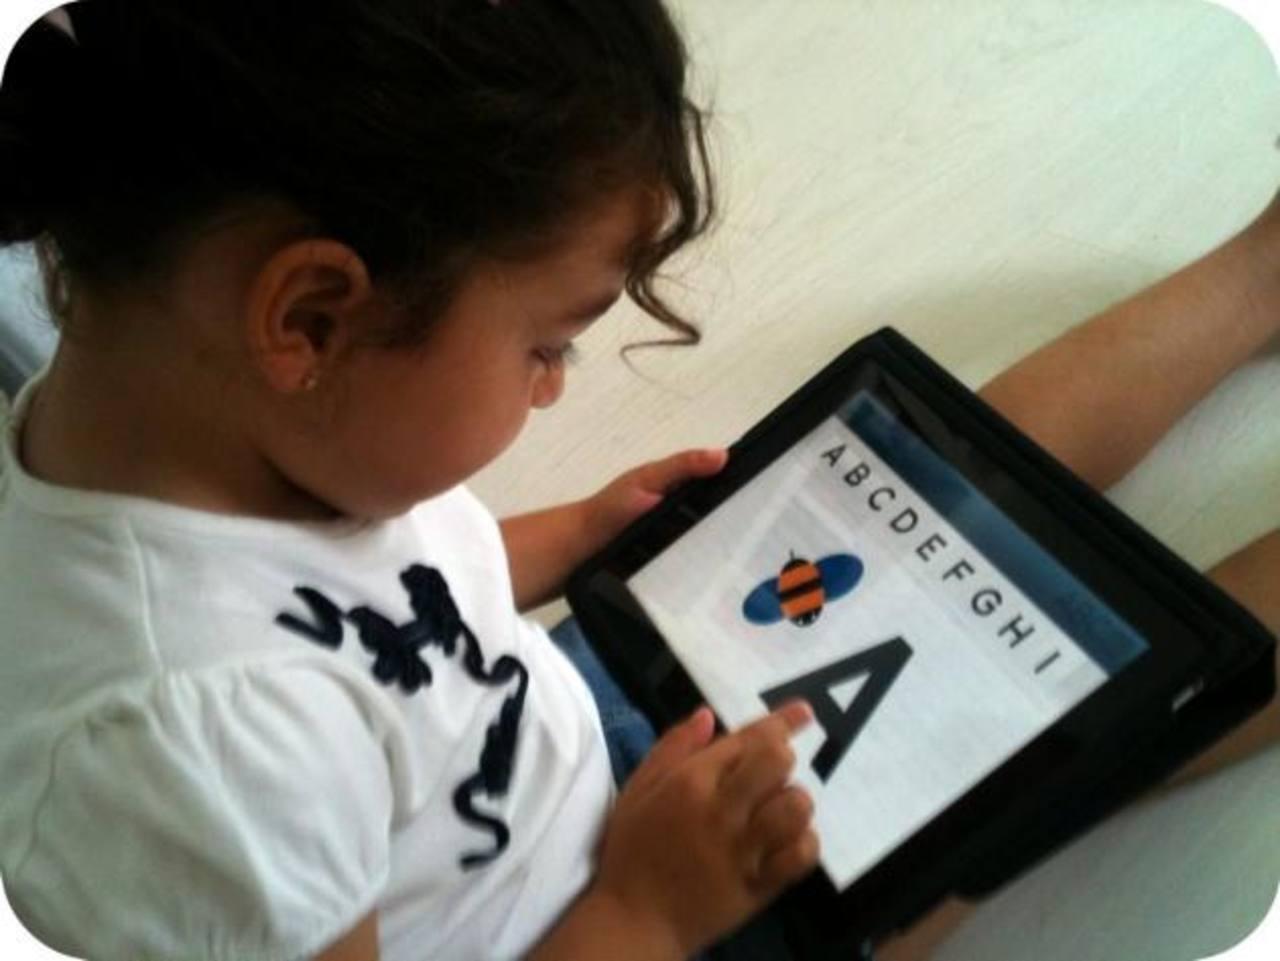 Colombia busca convertirse en un líder mundial en el desarrollo de aplicaciones que sean útiles a personas con capacidades especiales.